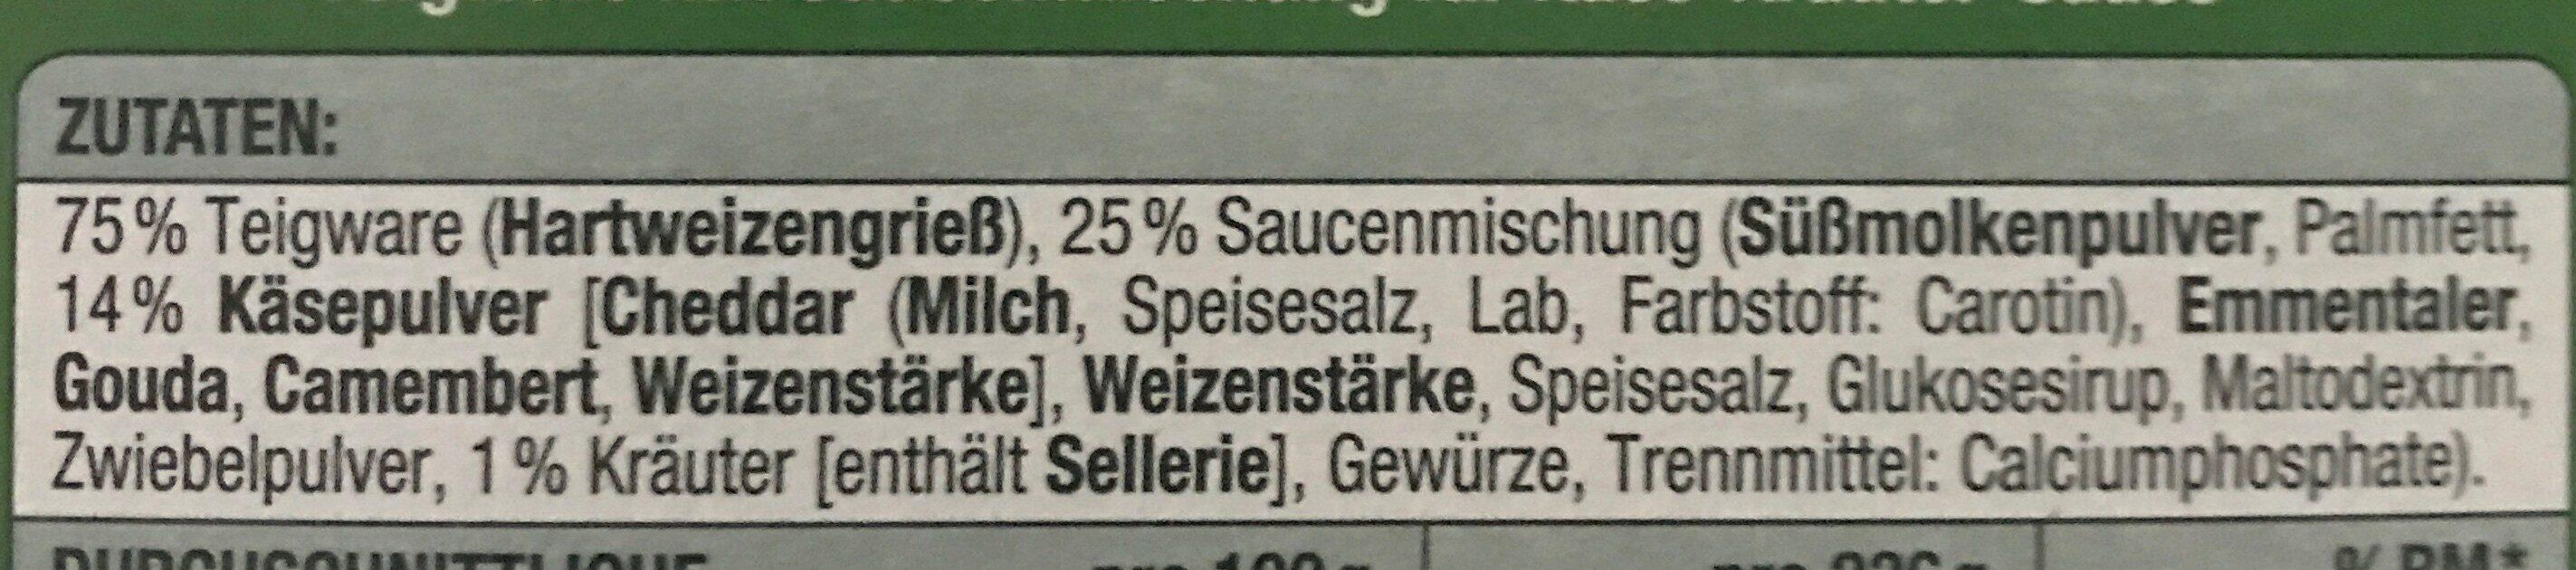 Farfalle mit Käse-Krauter-Sauce - Zutaten - de